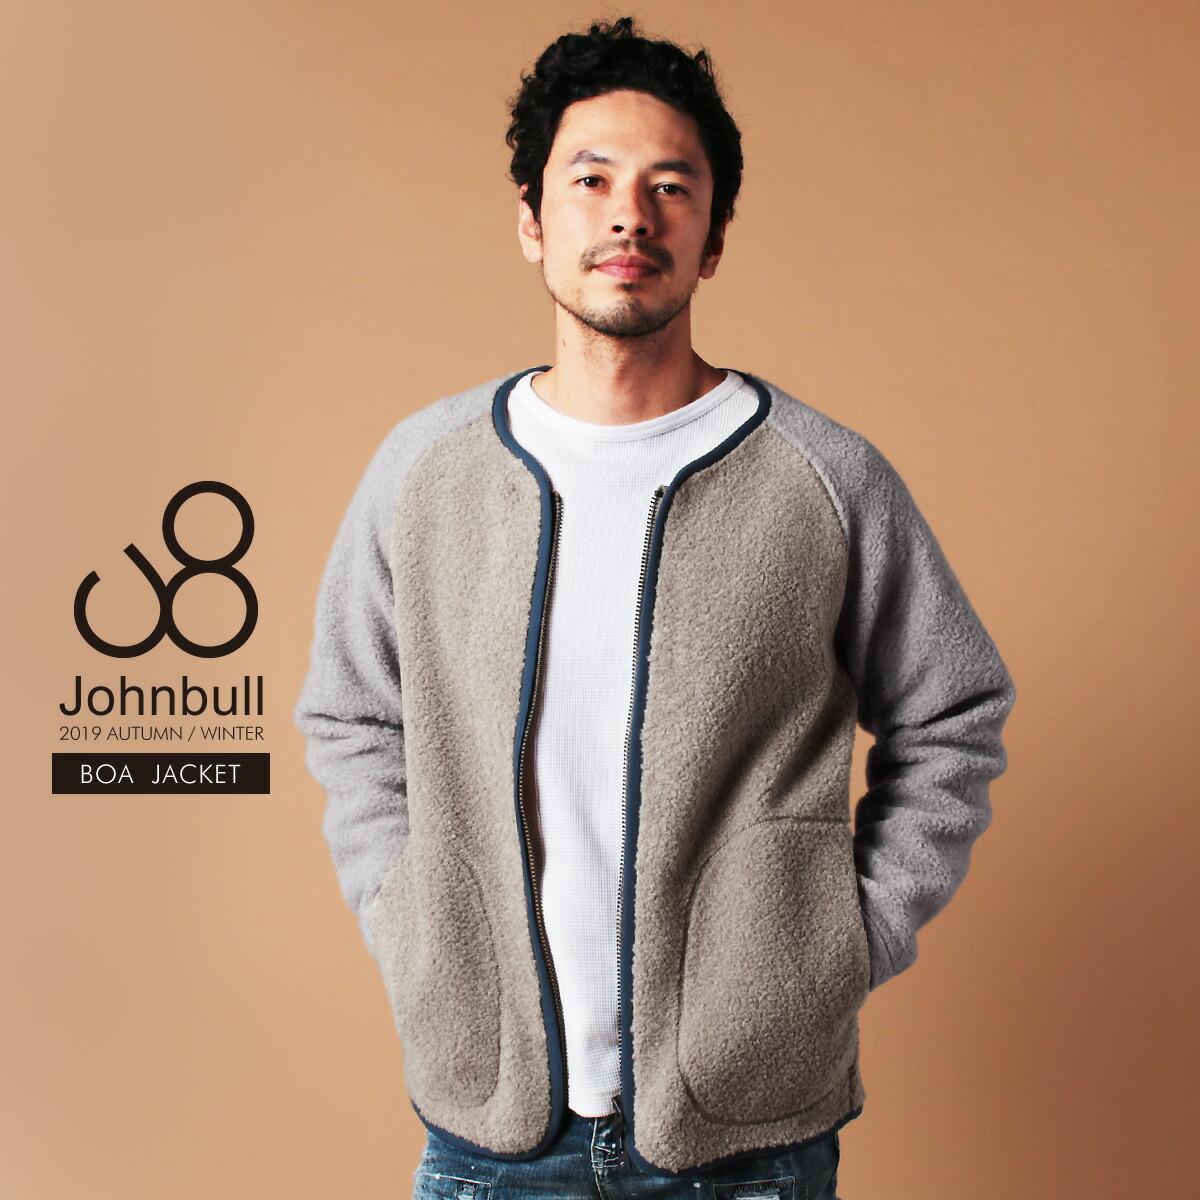 Johnbull(ジョンブル)メンズボアジャケット